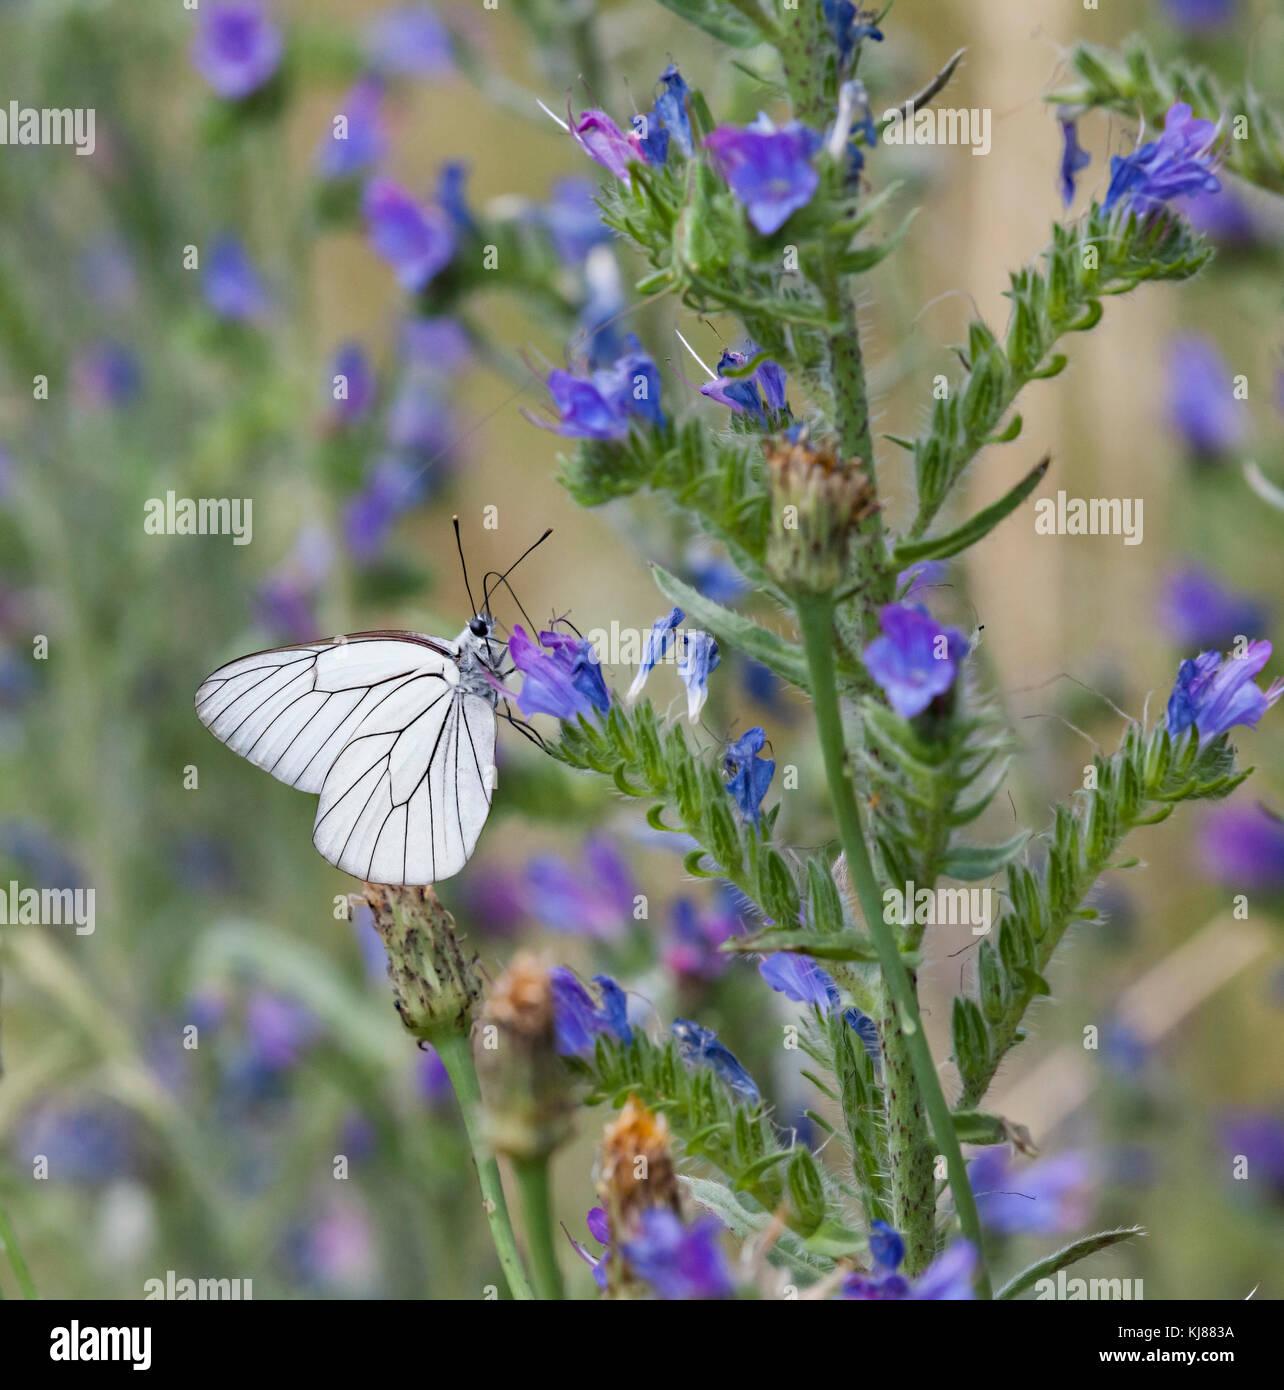 Schwarz geäderten White Butterfly Aporie crataegi aalen sich in der Sonne auf einer flowerhead an Riiaza in Stockbild